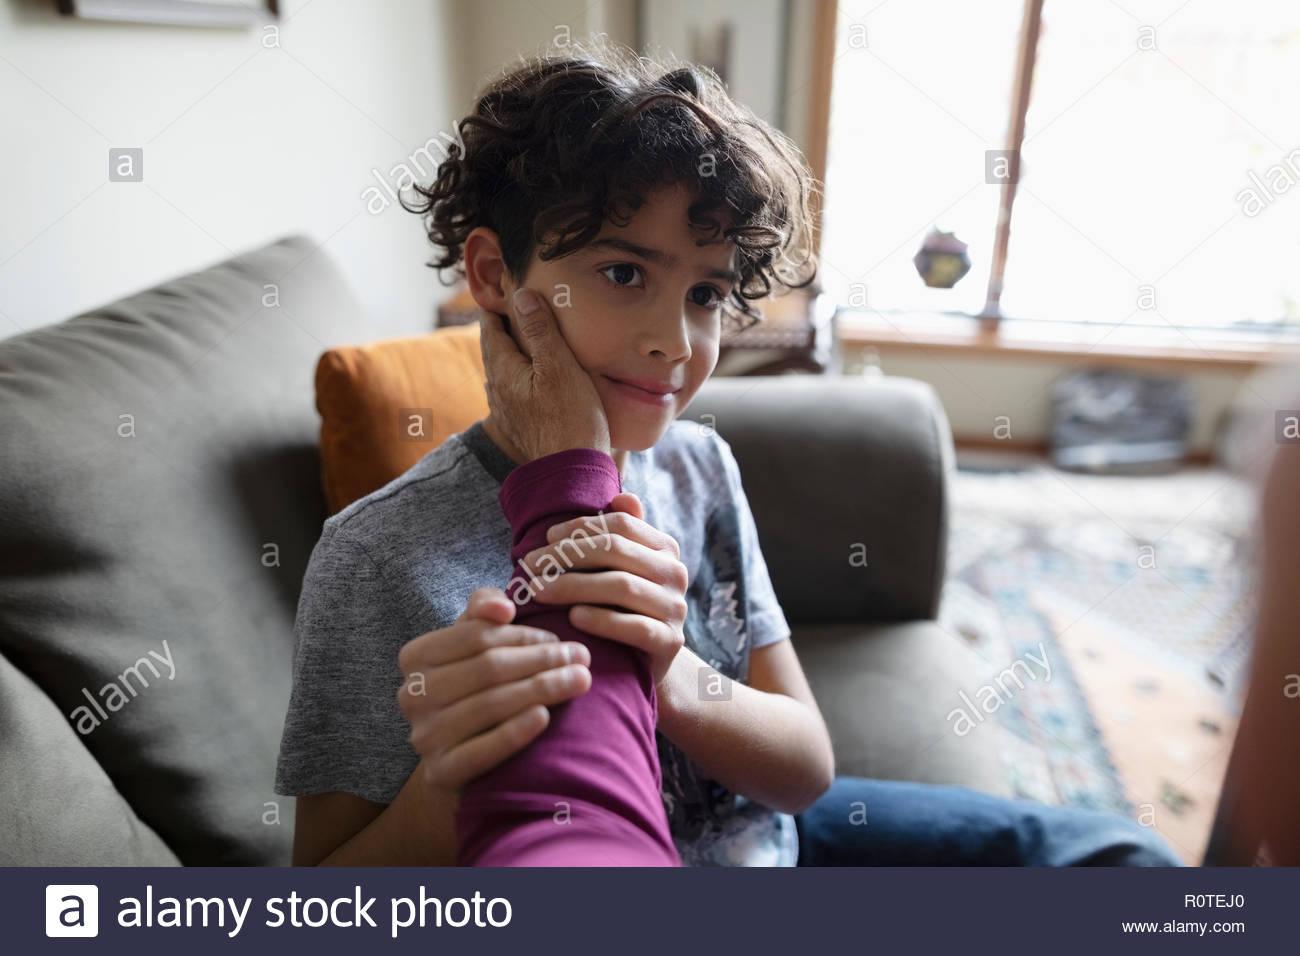 Grand-mère affectueuse de toucher de visage Latinx petit-fils sur canapé Photo Stock